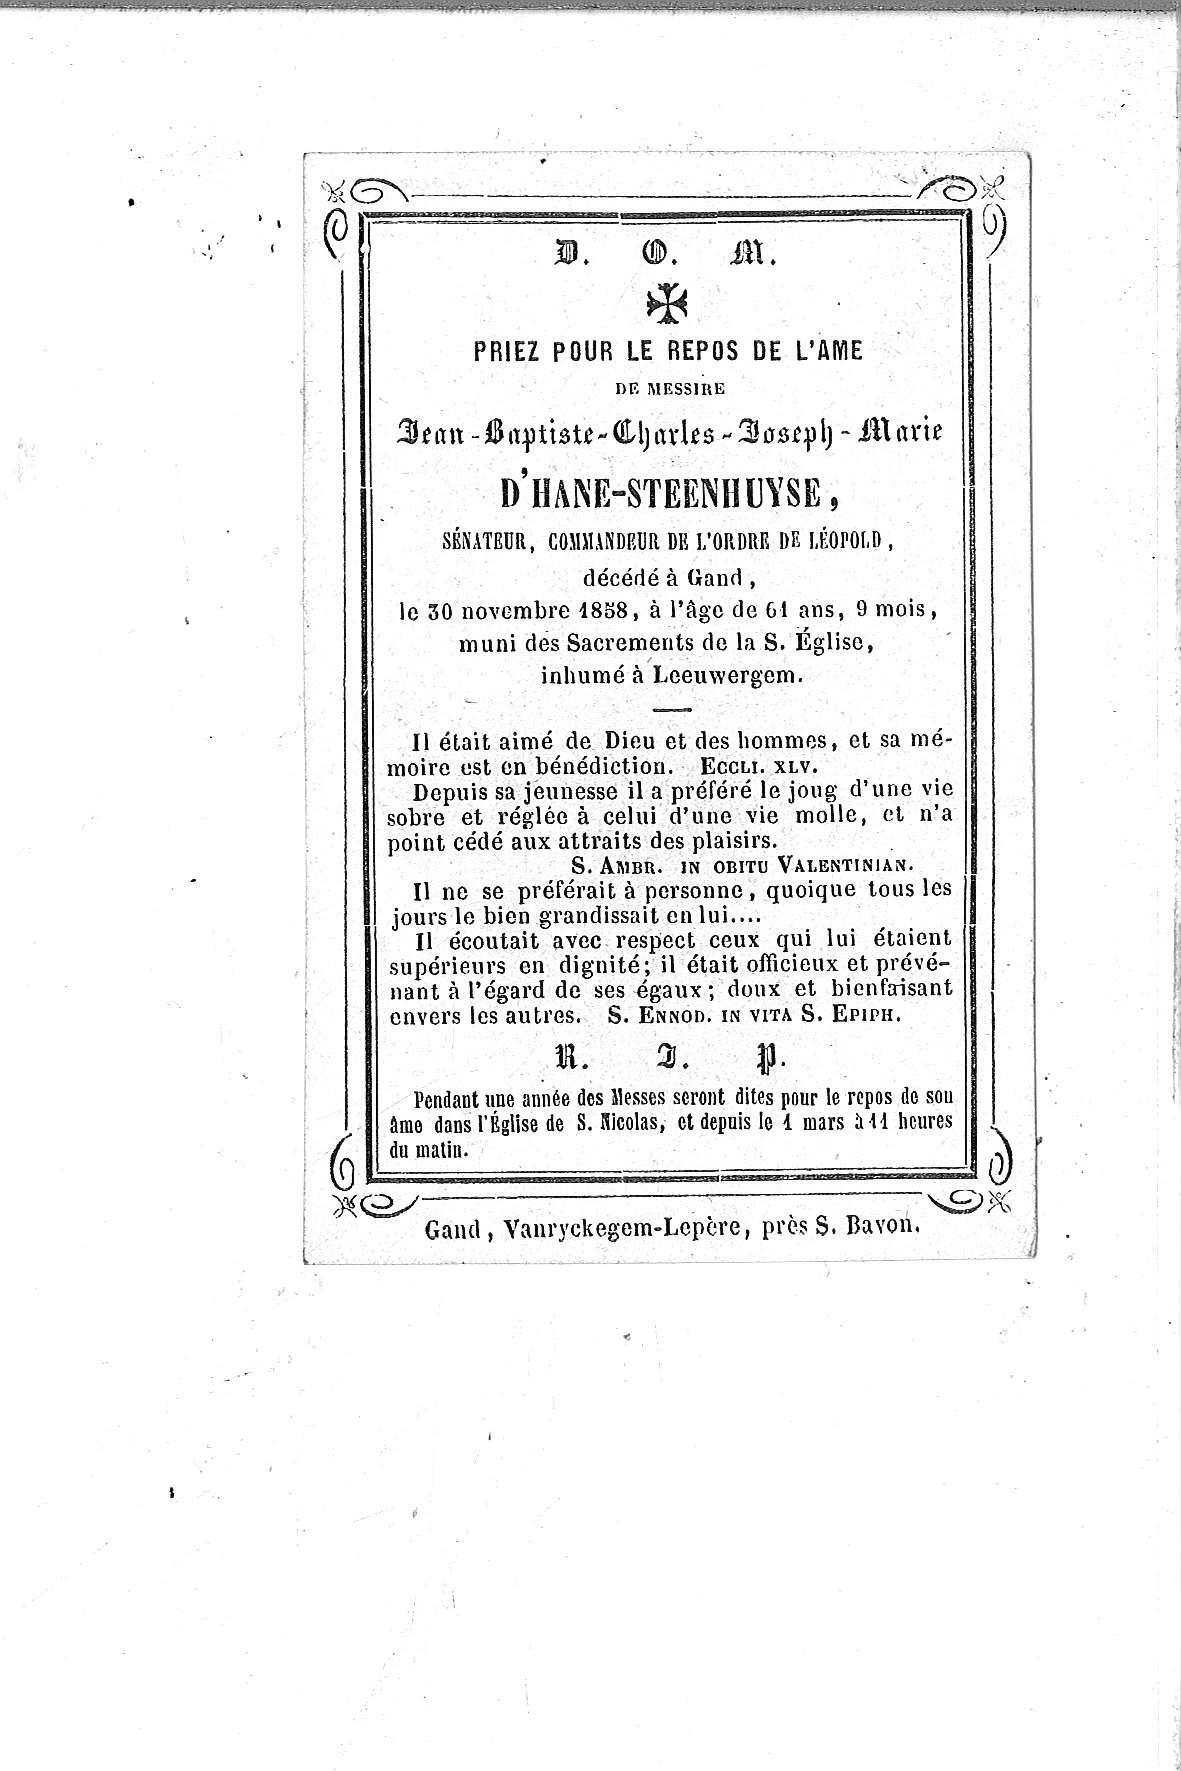 Jean-Baptiste-Charles-Joseph-Marie-(1858)-20120919084524_00017.jpg